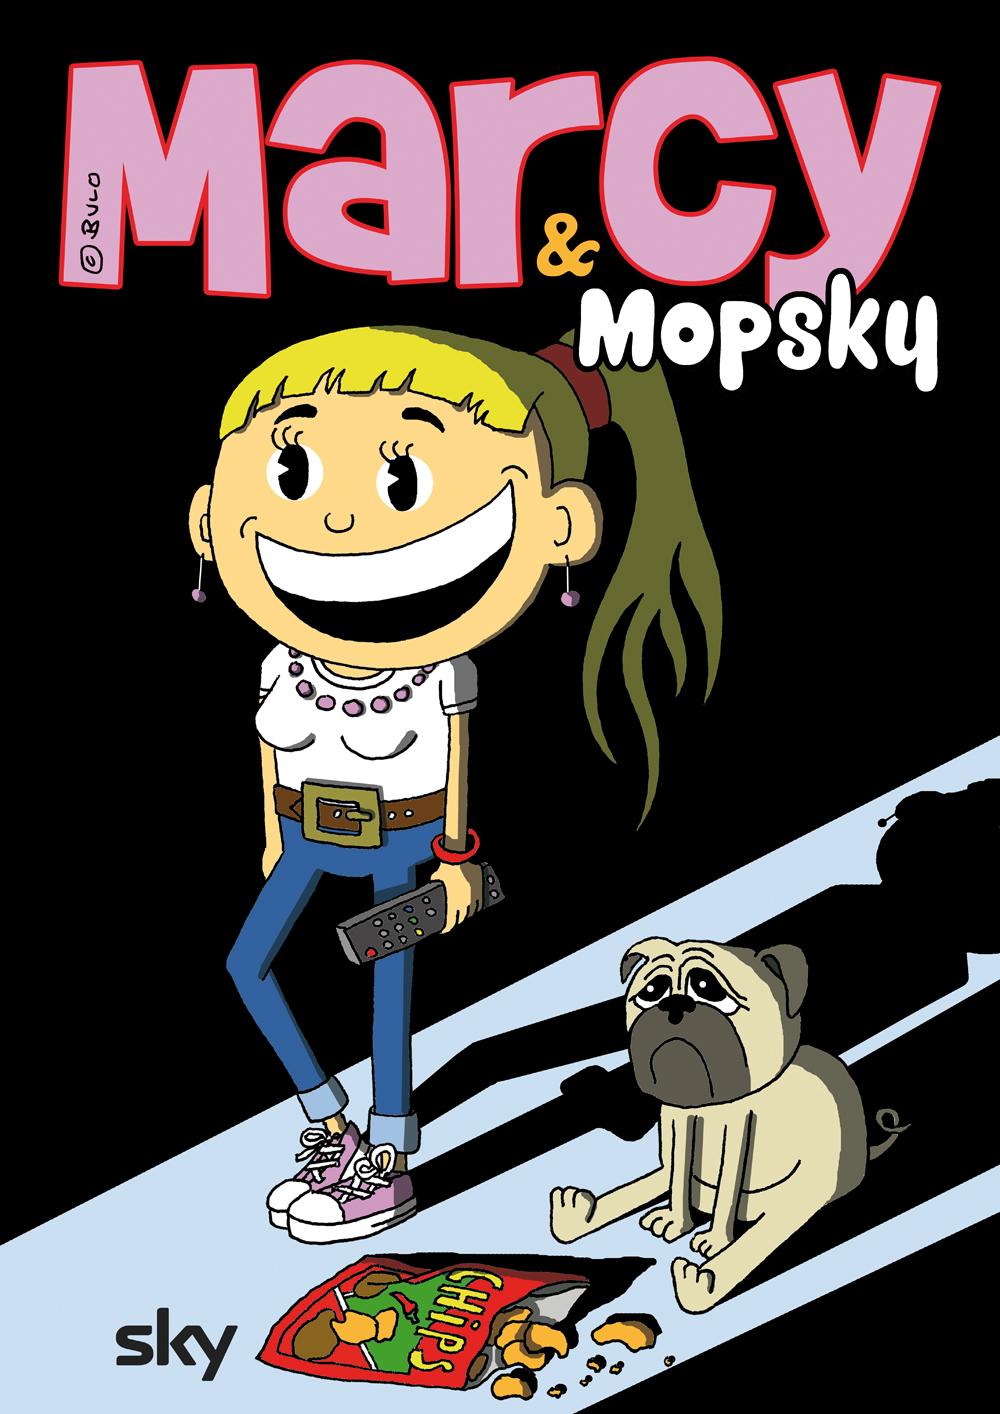 marcy-mopsky